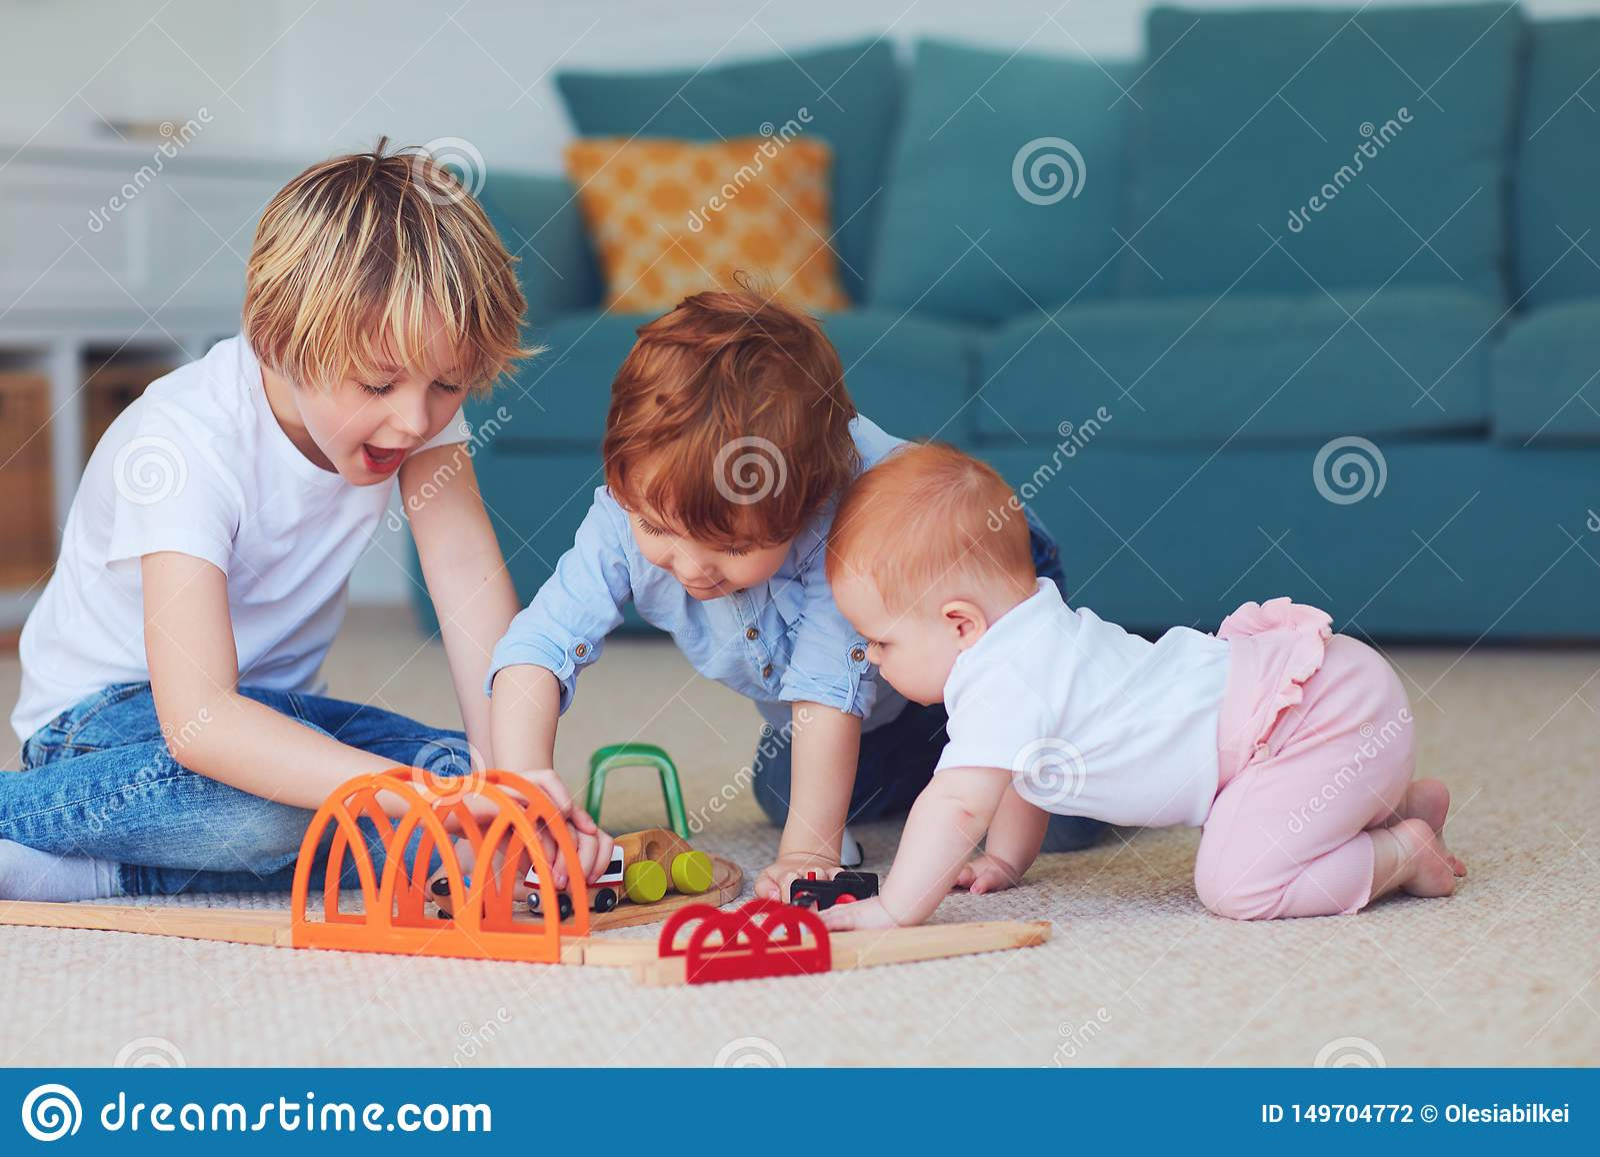 Χαριτωμένα παιδιά, αμφιθαλείς που παίζουν τα παιχνίδια μαζί στον τάπητα στο σπίτι